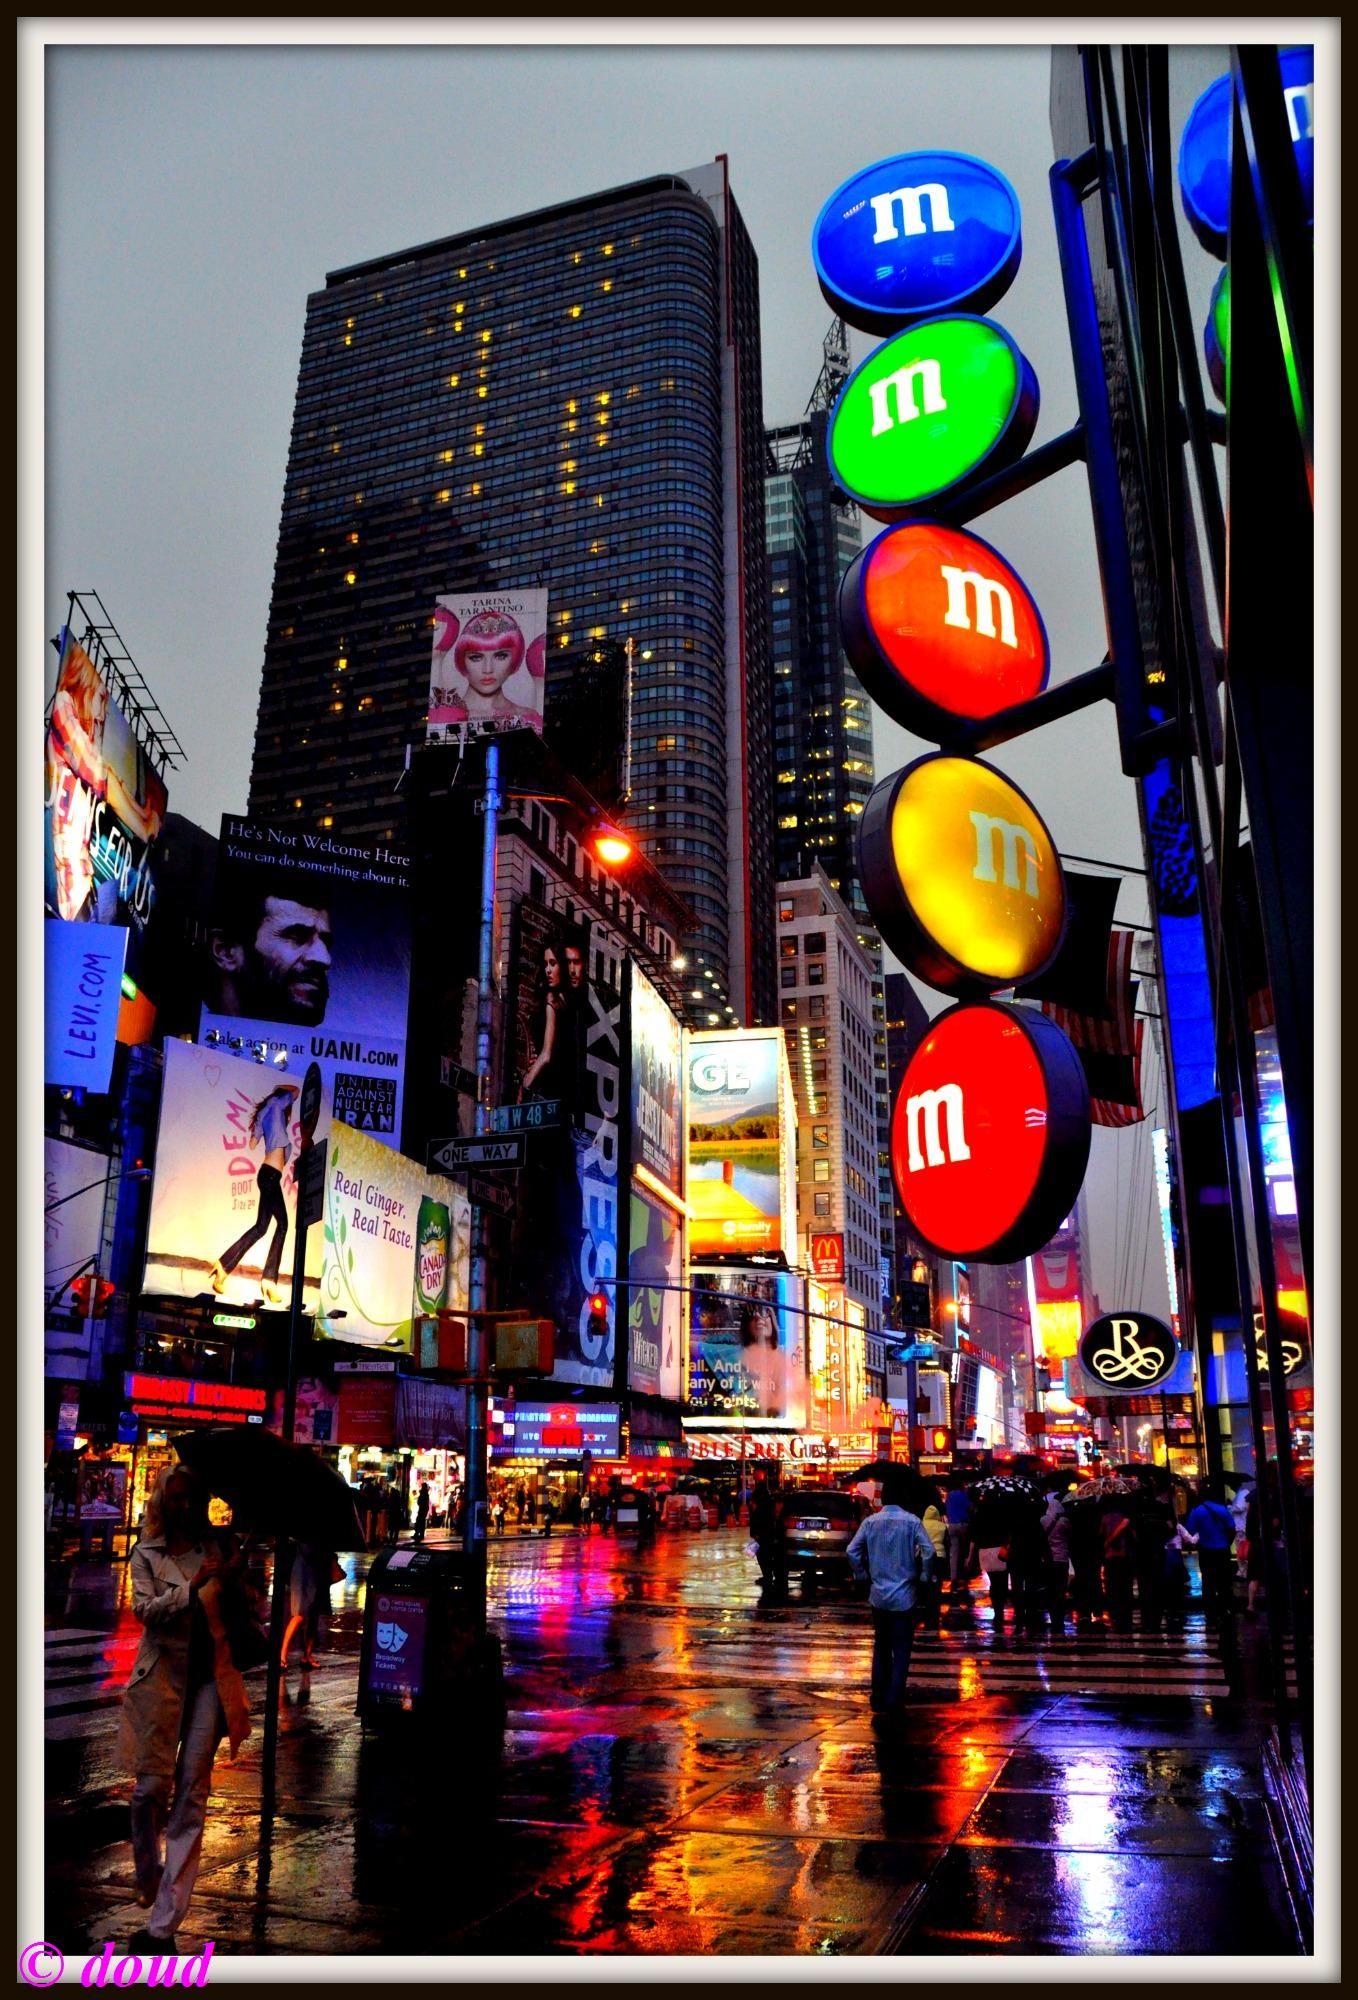 Nueva York, EE.UU. Reserva tu viaje en copa.com